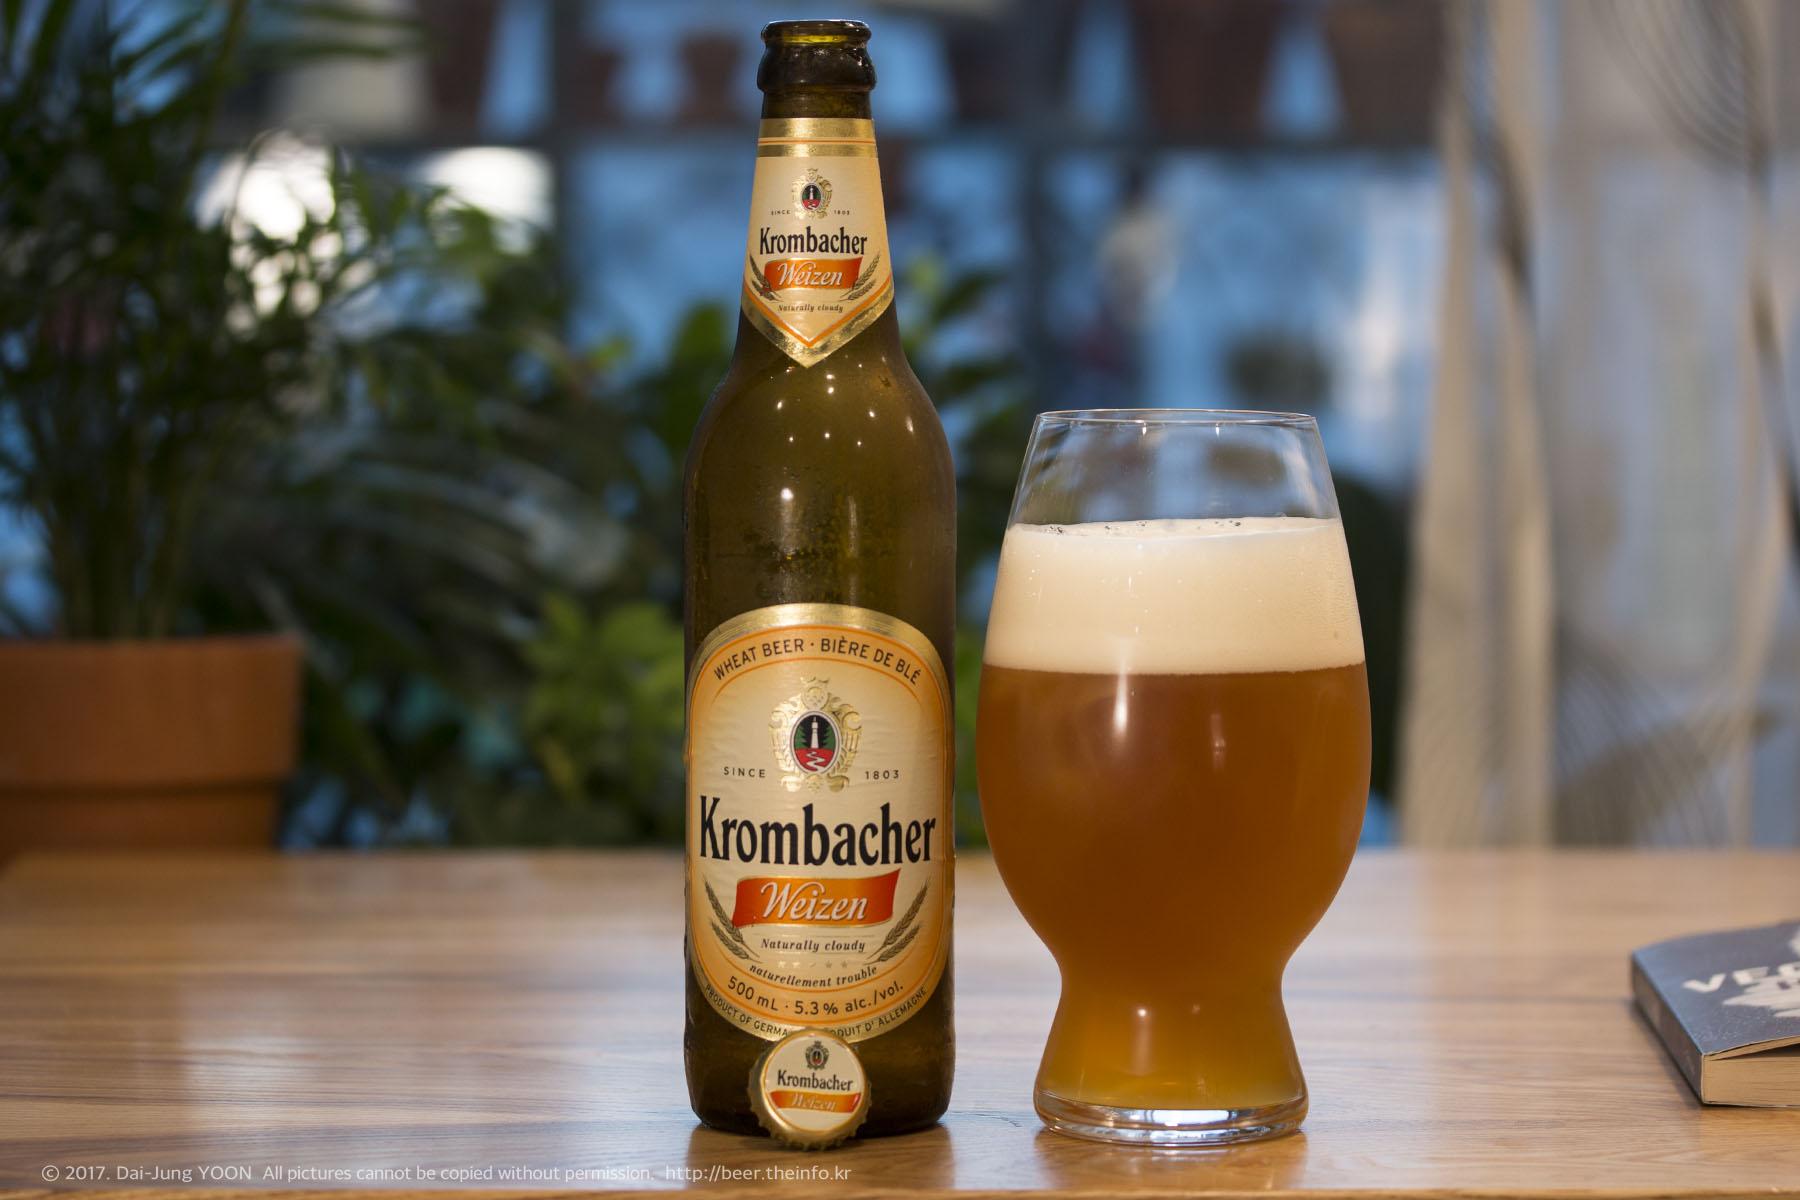 크롬바커 바이젠  Krombacher Weizen